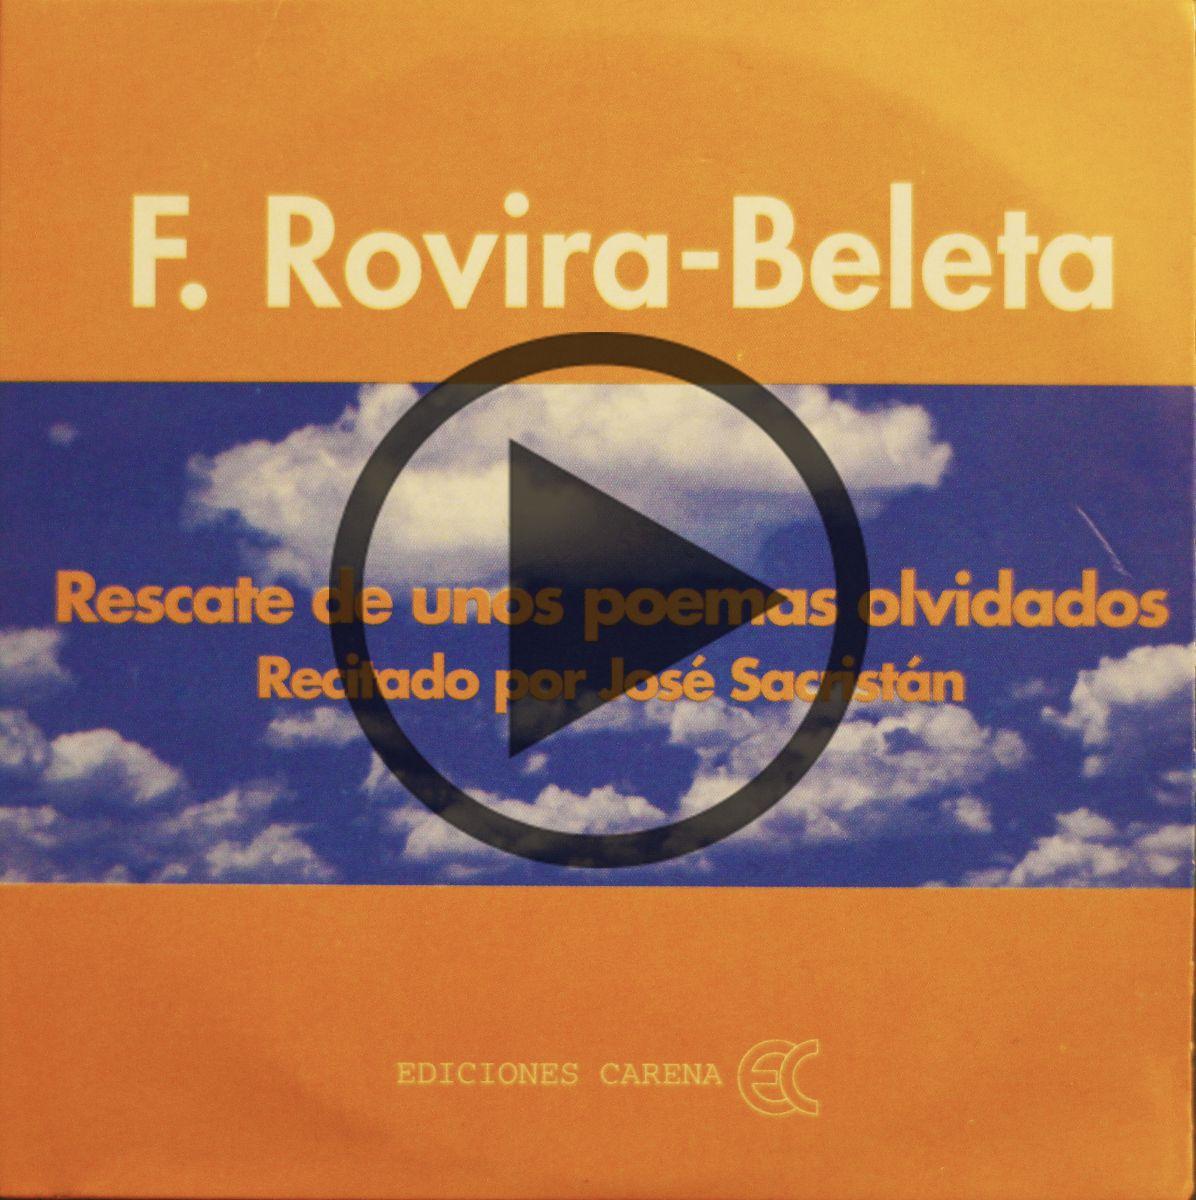 Ediciones Carena recupera los poemas de Rovira-Beleta recitados por José Sacristán